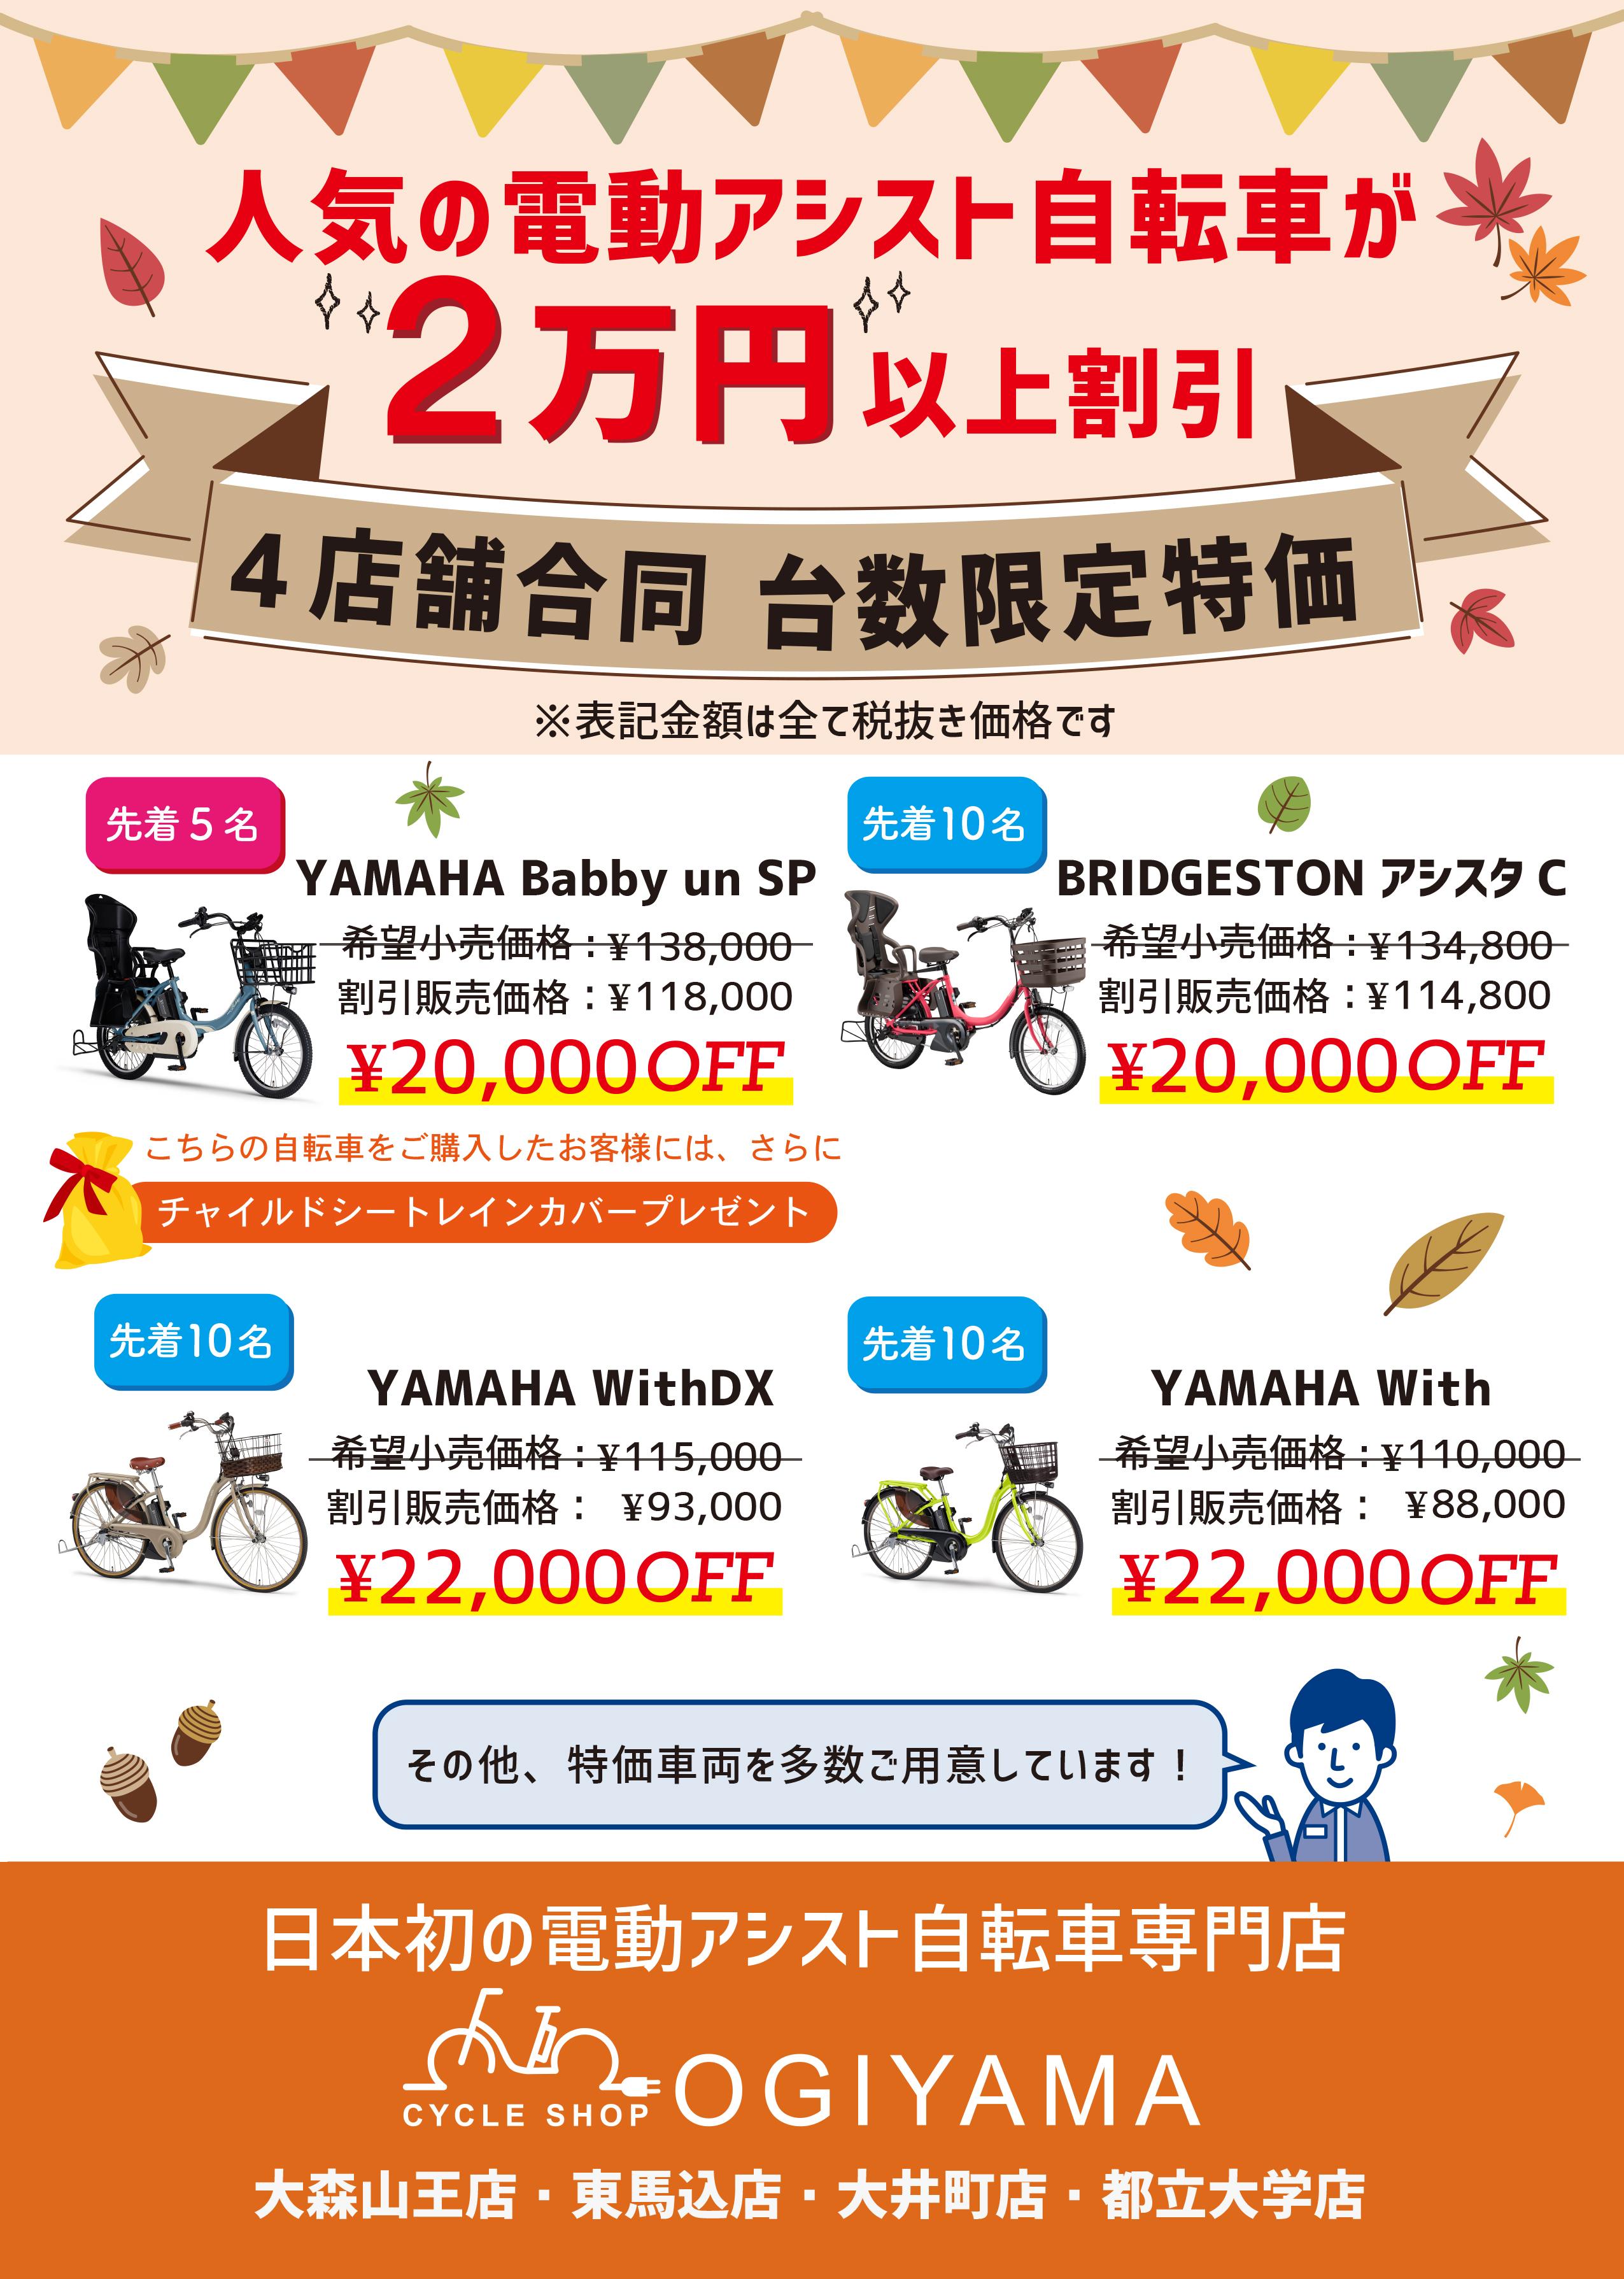 4店舗合同台数限定特価|電動自転車専門店 サイクルショップオギヤマ